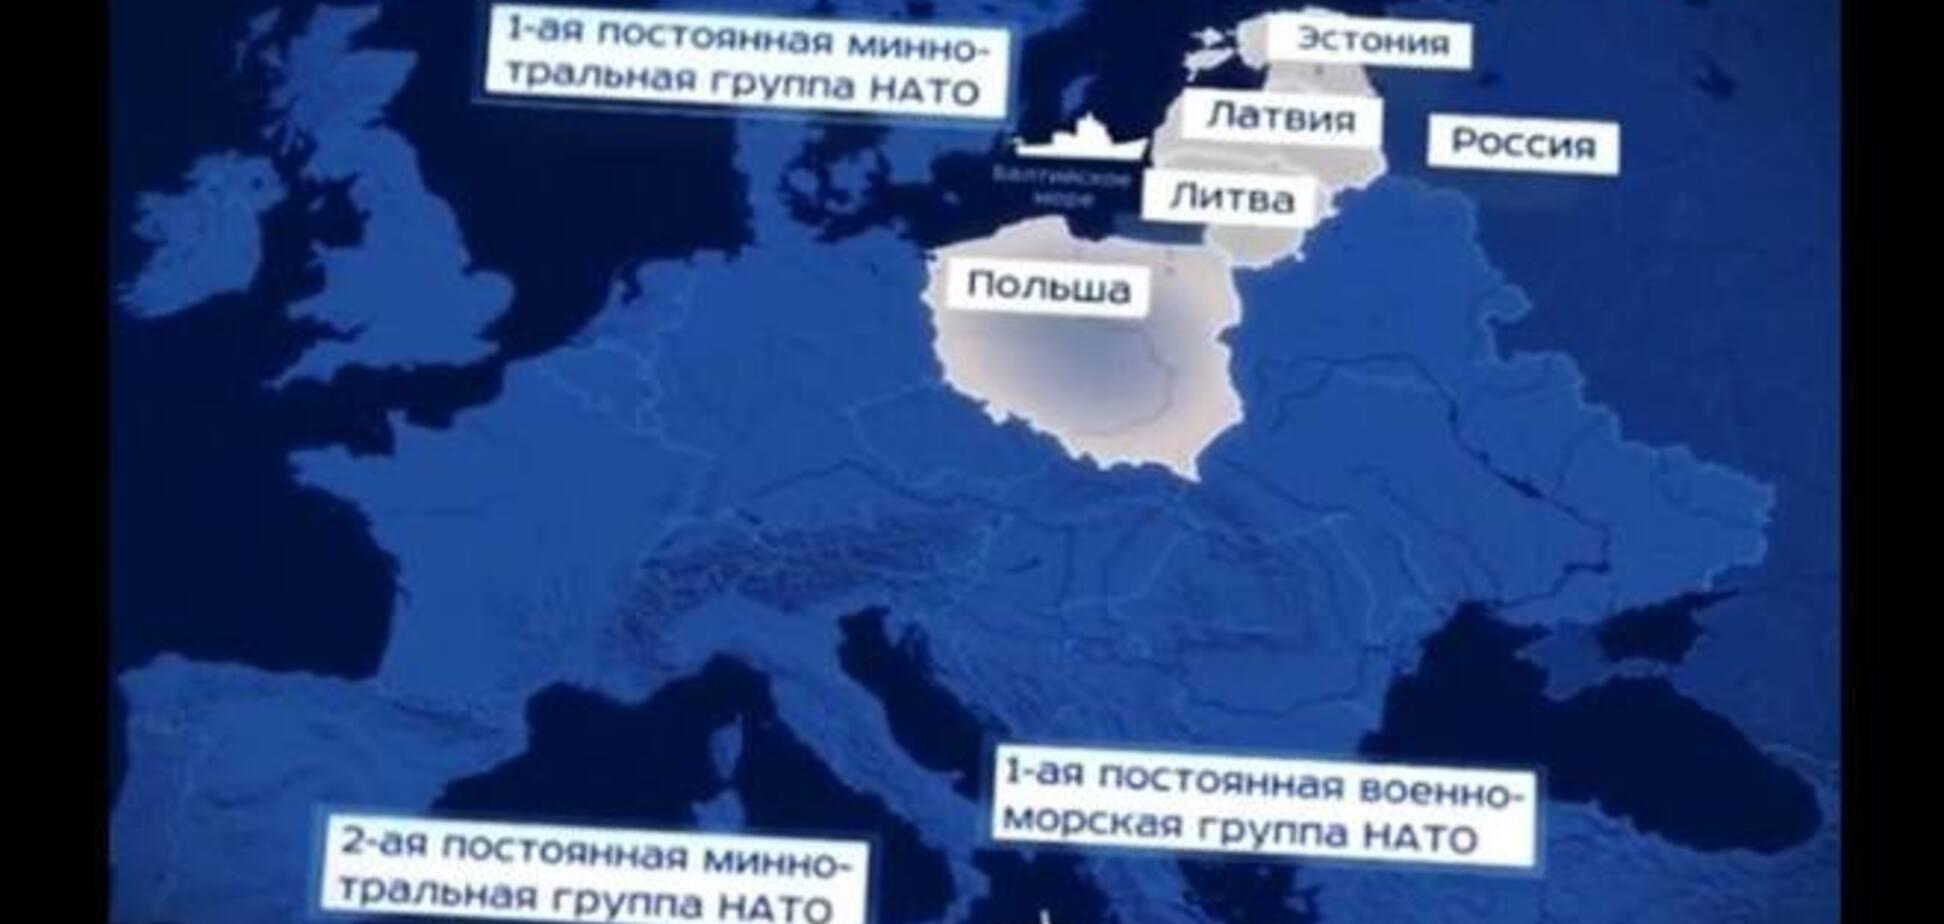 Кремлевская пропаганда 'анонсировала' ядерную атаку НАТО по России и ее 'вынужденный ответ'